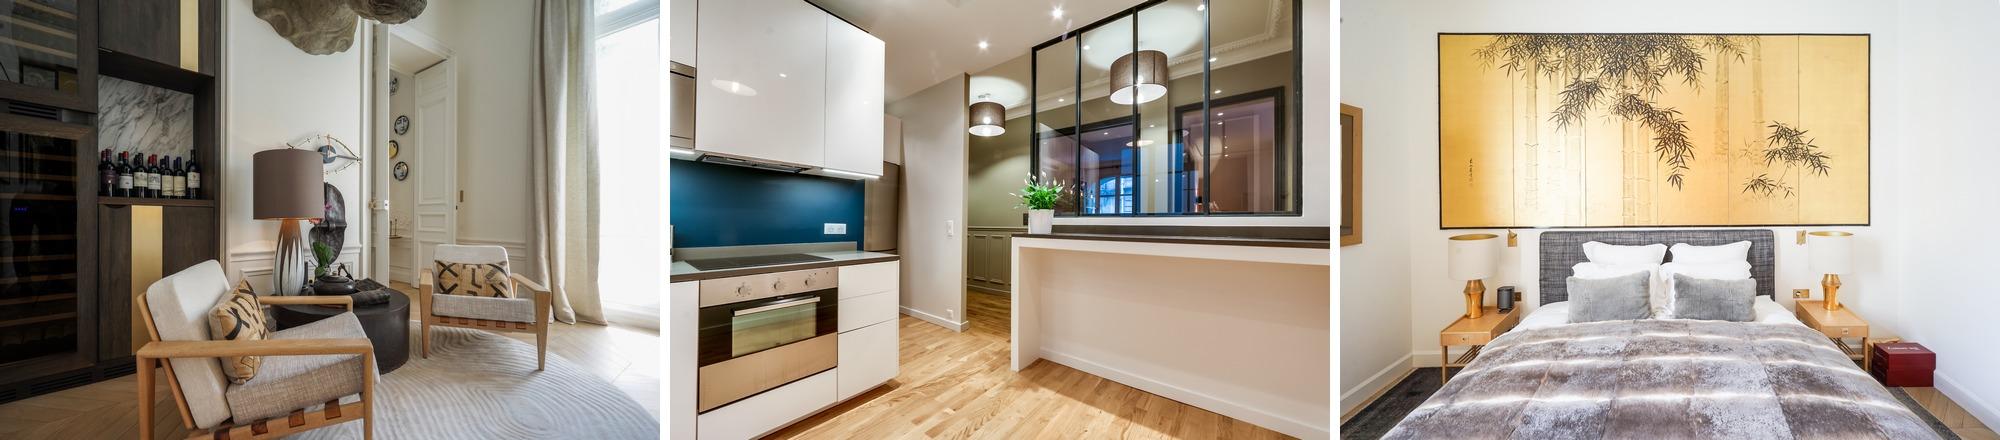 besoin d 39 un architecte pour votre projet de r novation. Black Bedroom Furniture Sets. Home Design Ideas